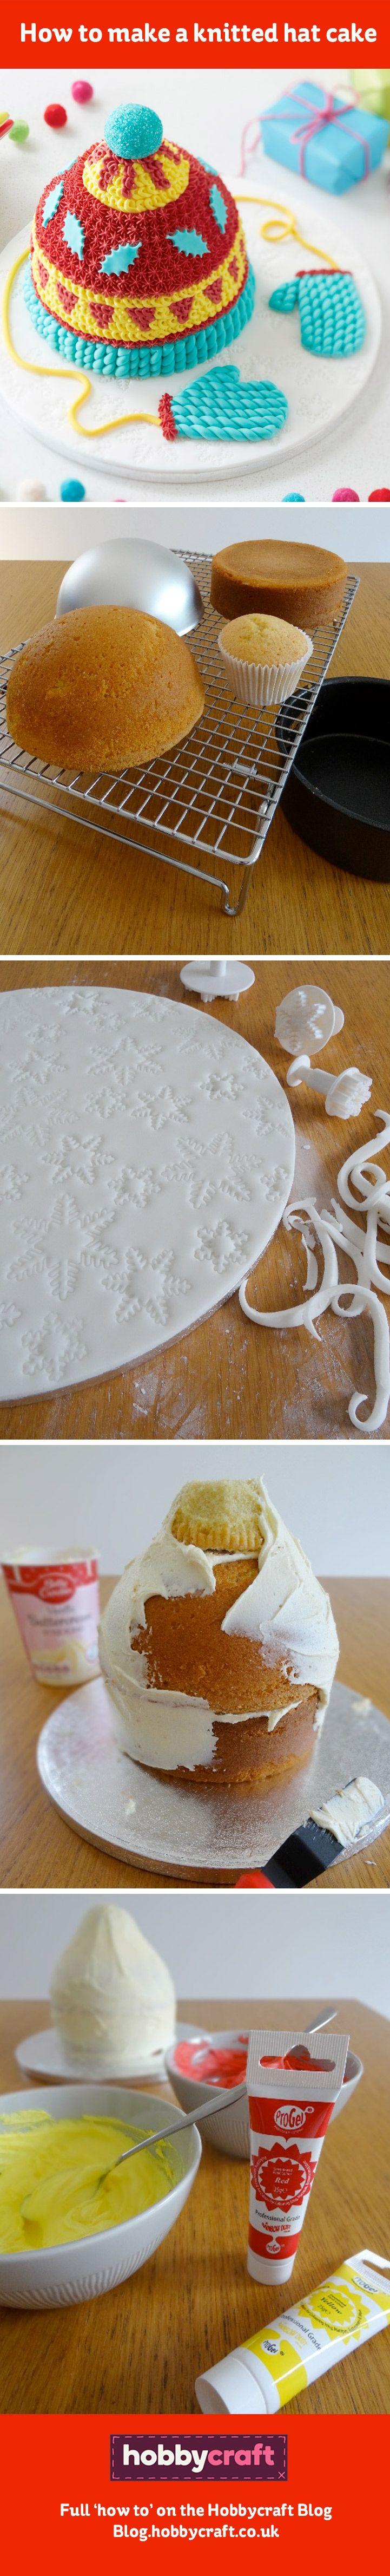 #Howtomakeahristmascake #knittedcake #christmascakeideas #bakingideas #hatcake #bobblehatcake #noveltycake